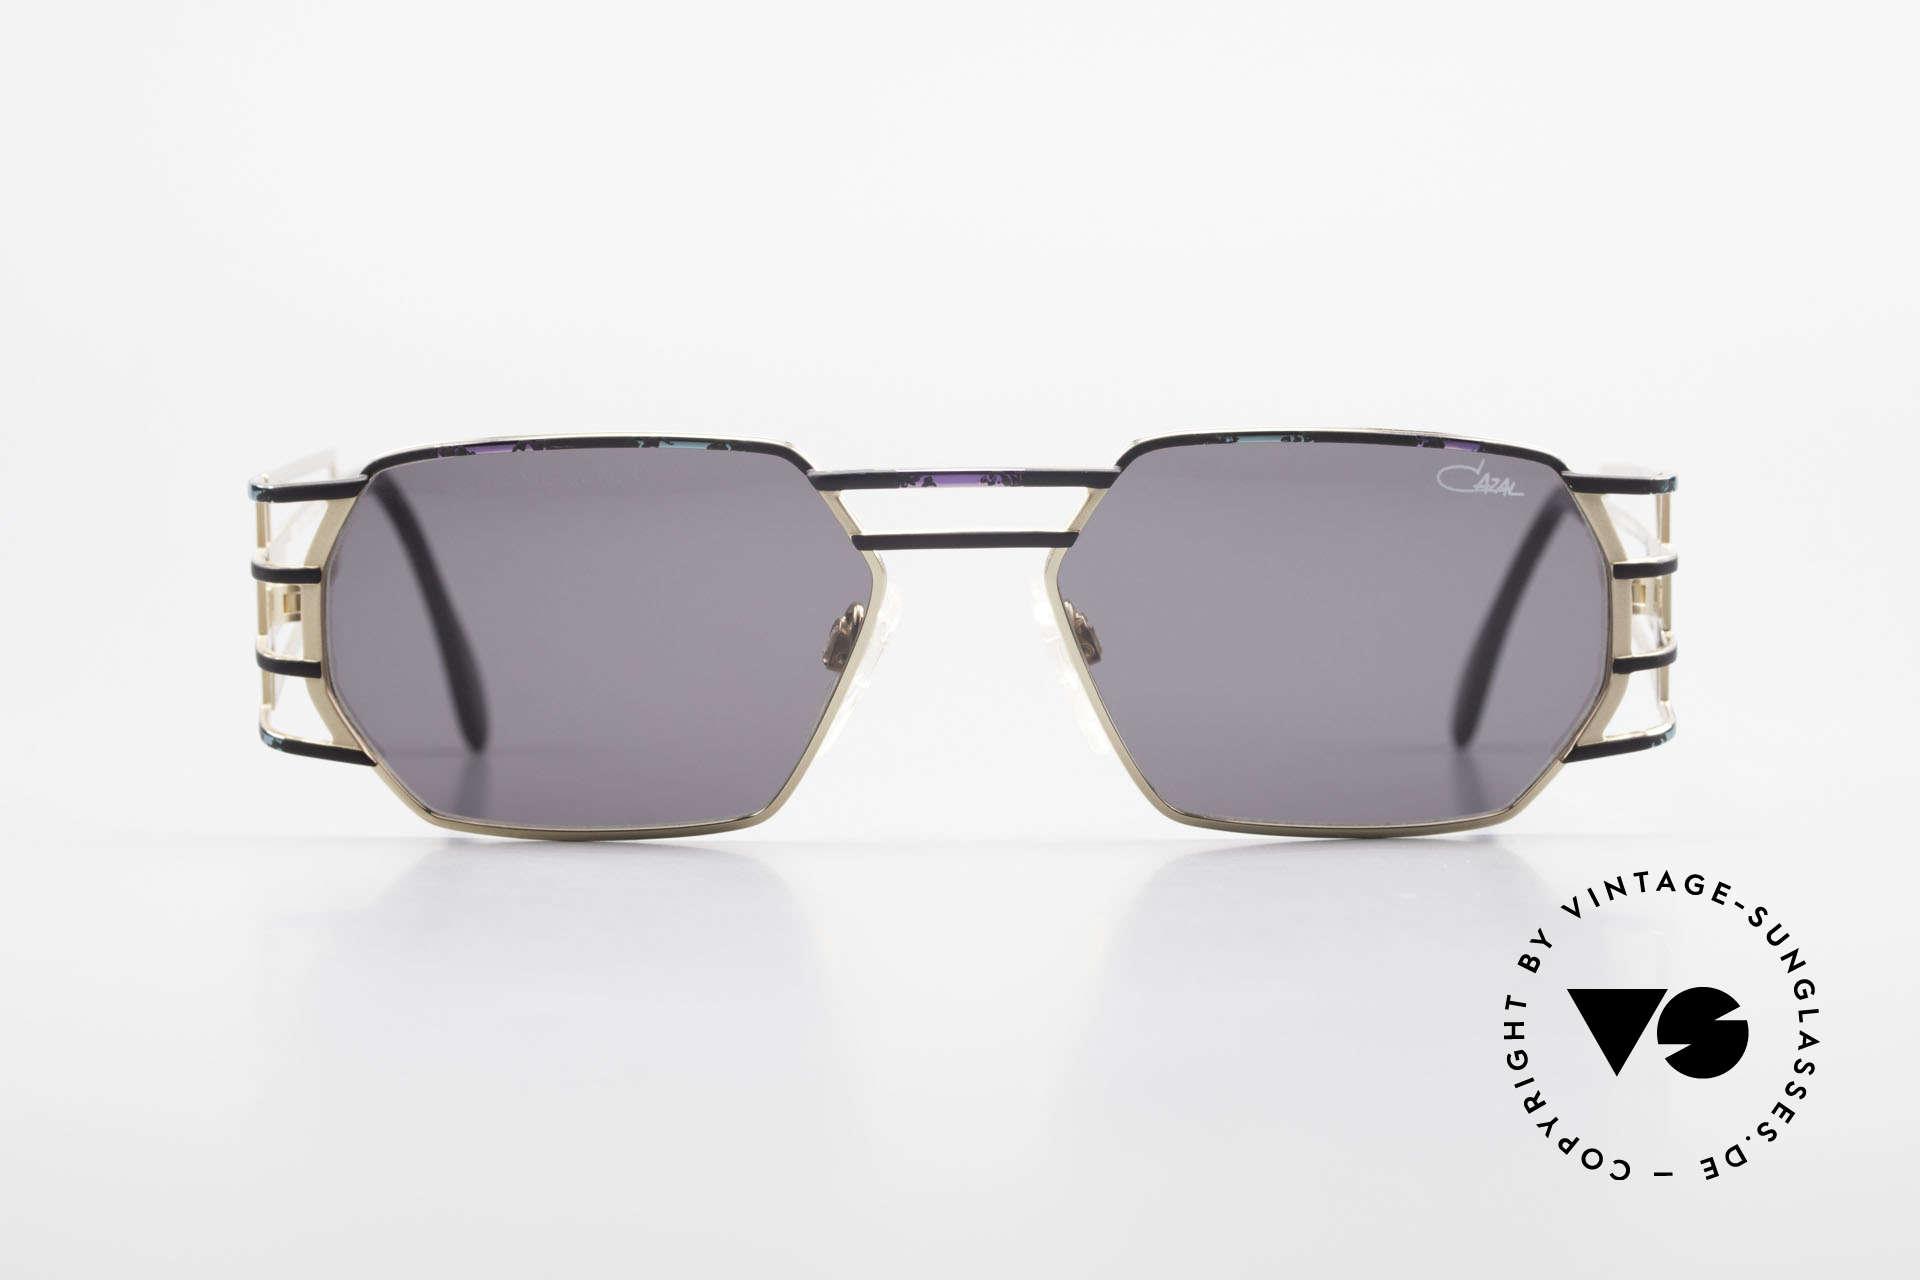 Cazal 980 Markante Vintage Sonnenbrille, eckige Metall-Fassung mit sehr markanten Bügeln, Passend für Herren und Damen